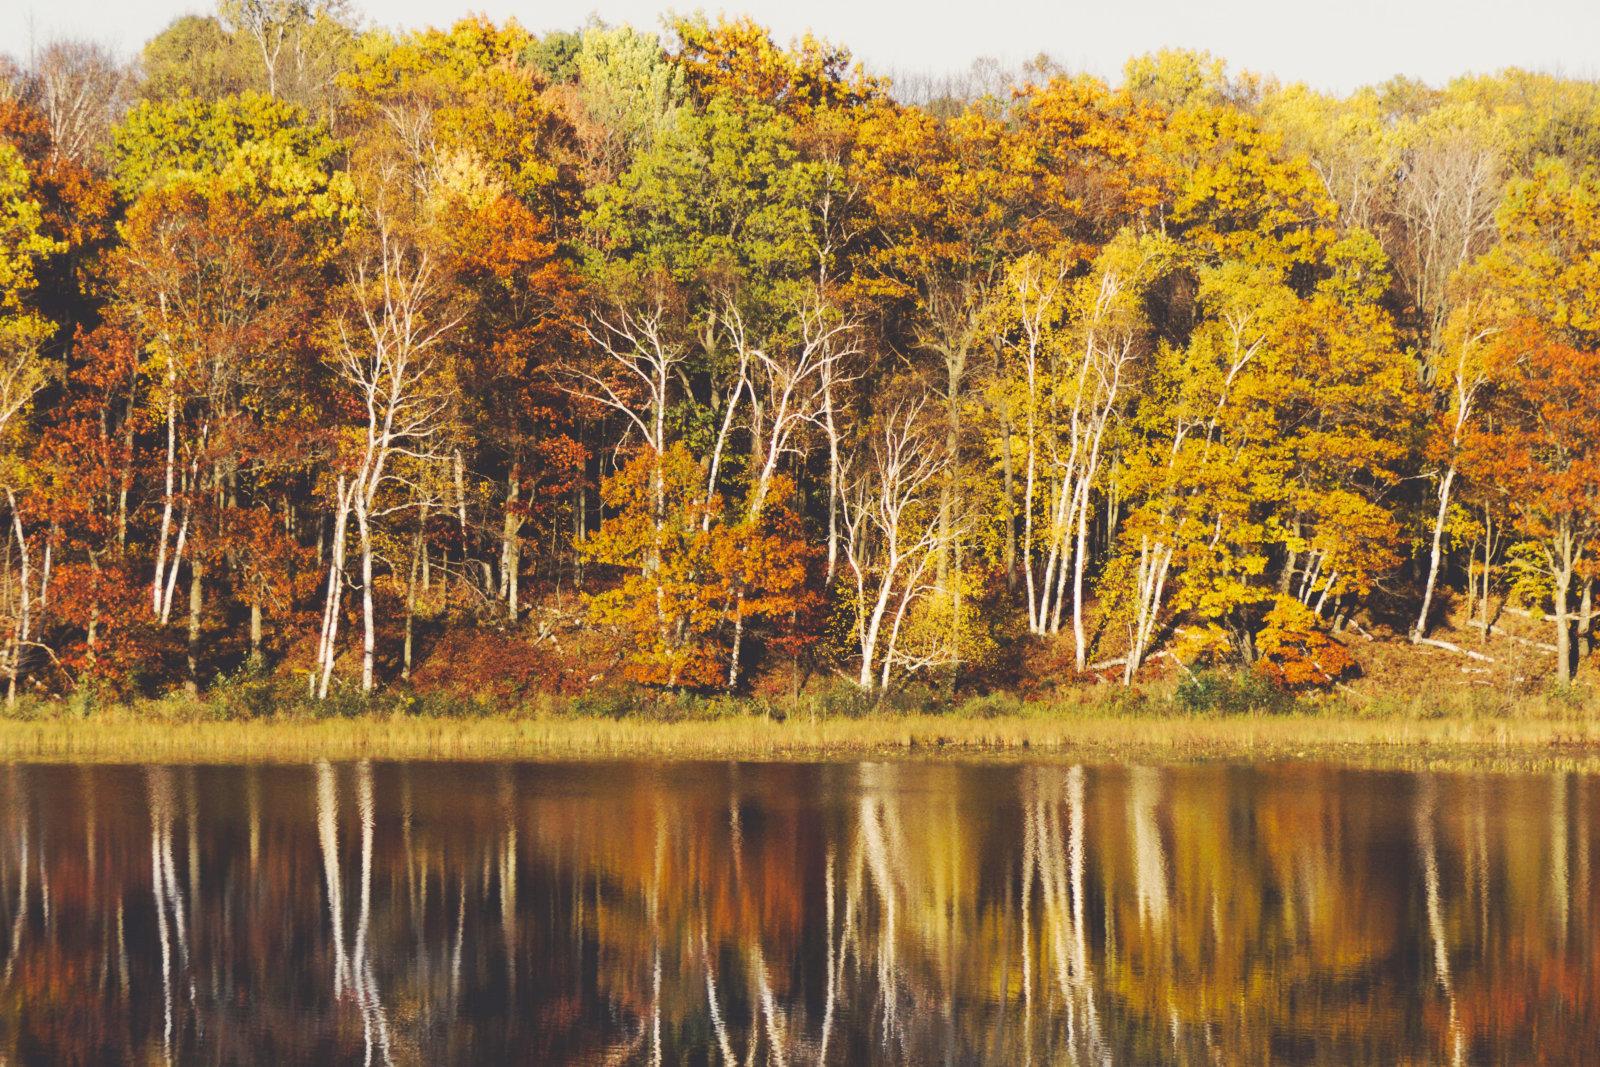 Im Herbst doppelt so schön: Das bunte Laub spiegelt sich in den vielen Bergseen in der Steierischen Krakau